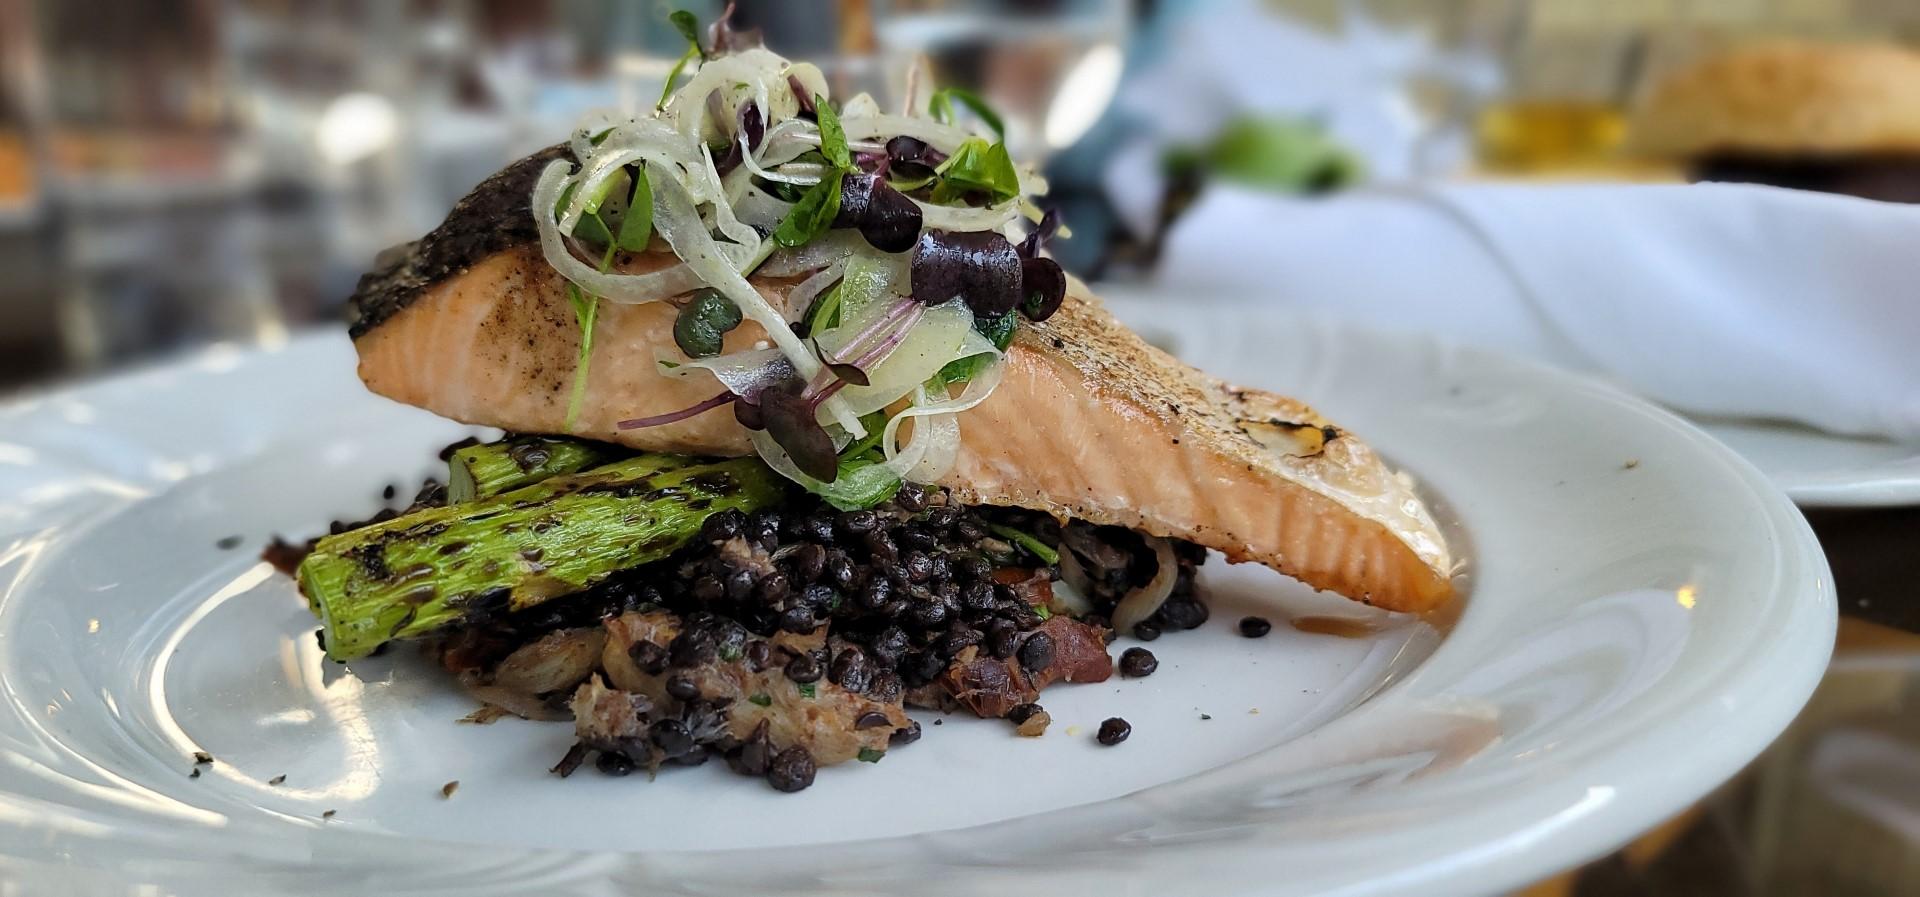 Lentils and Salmon Elmhurst Inn